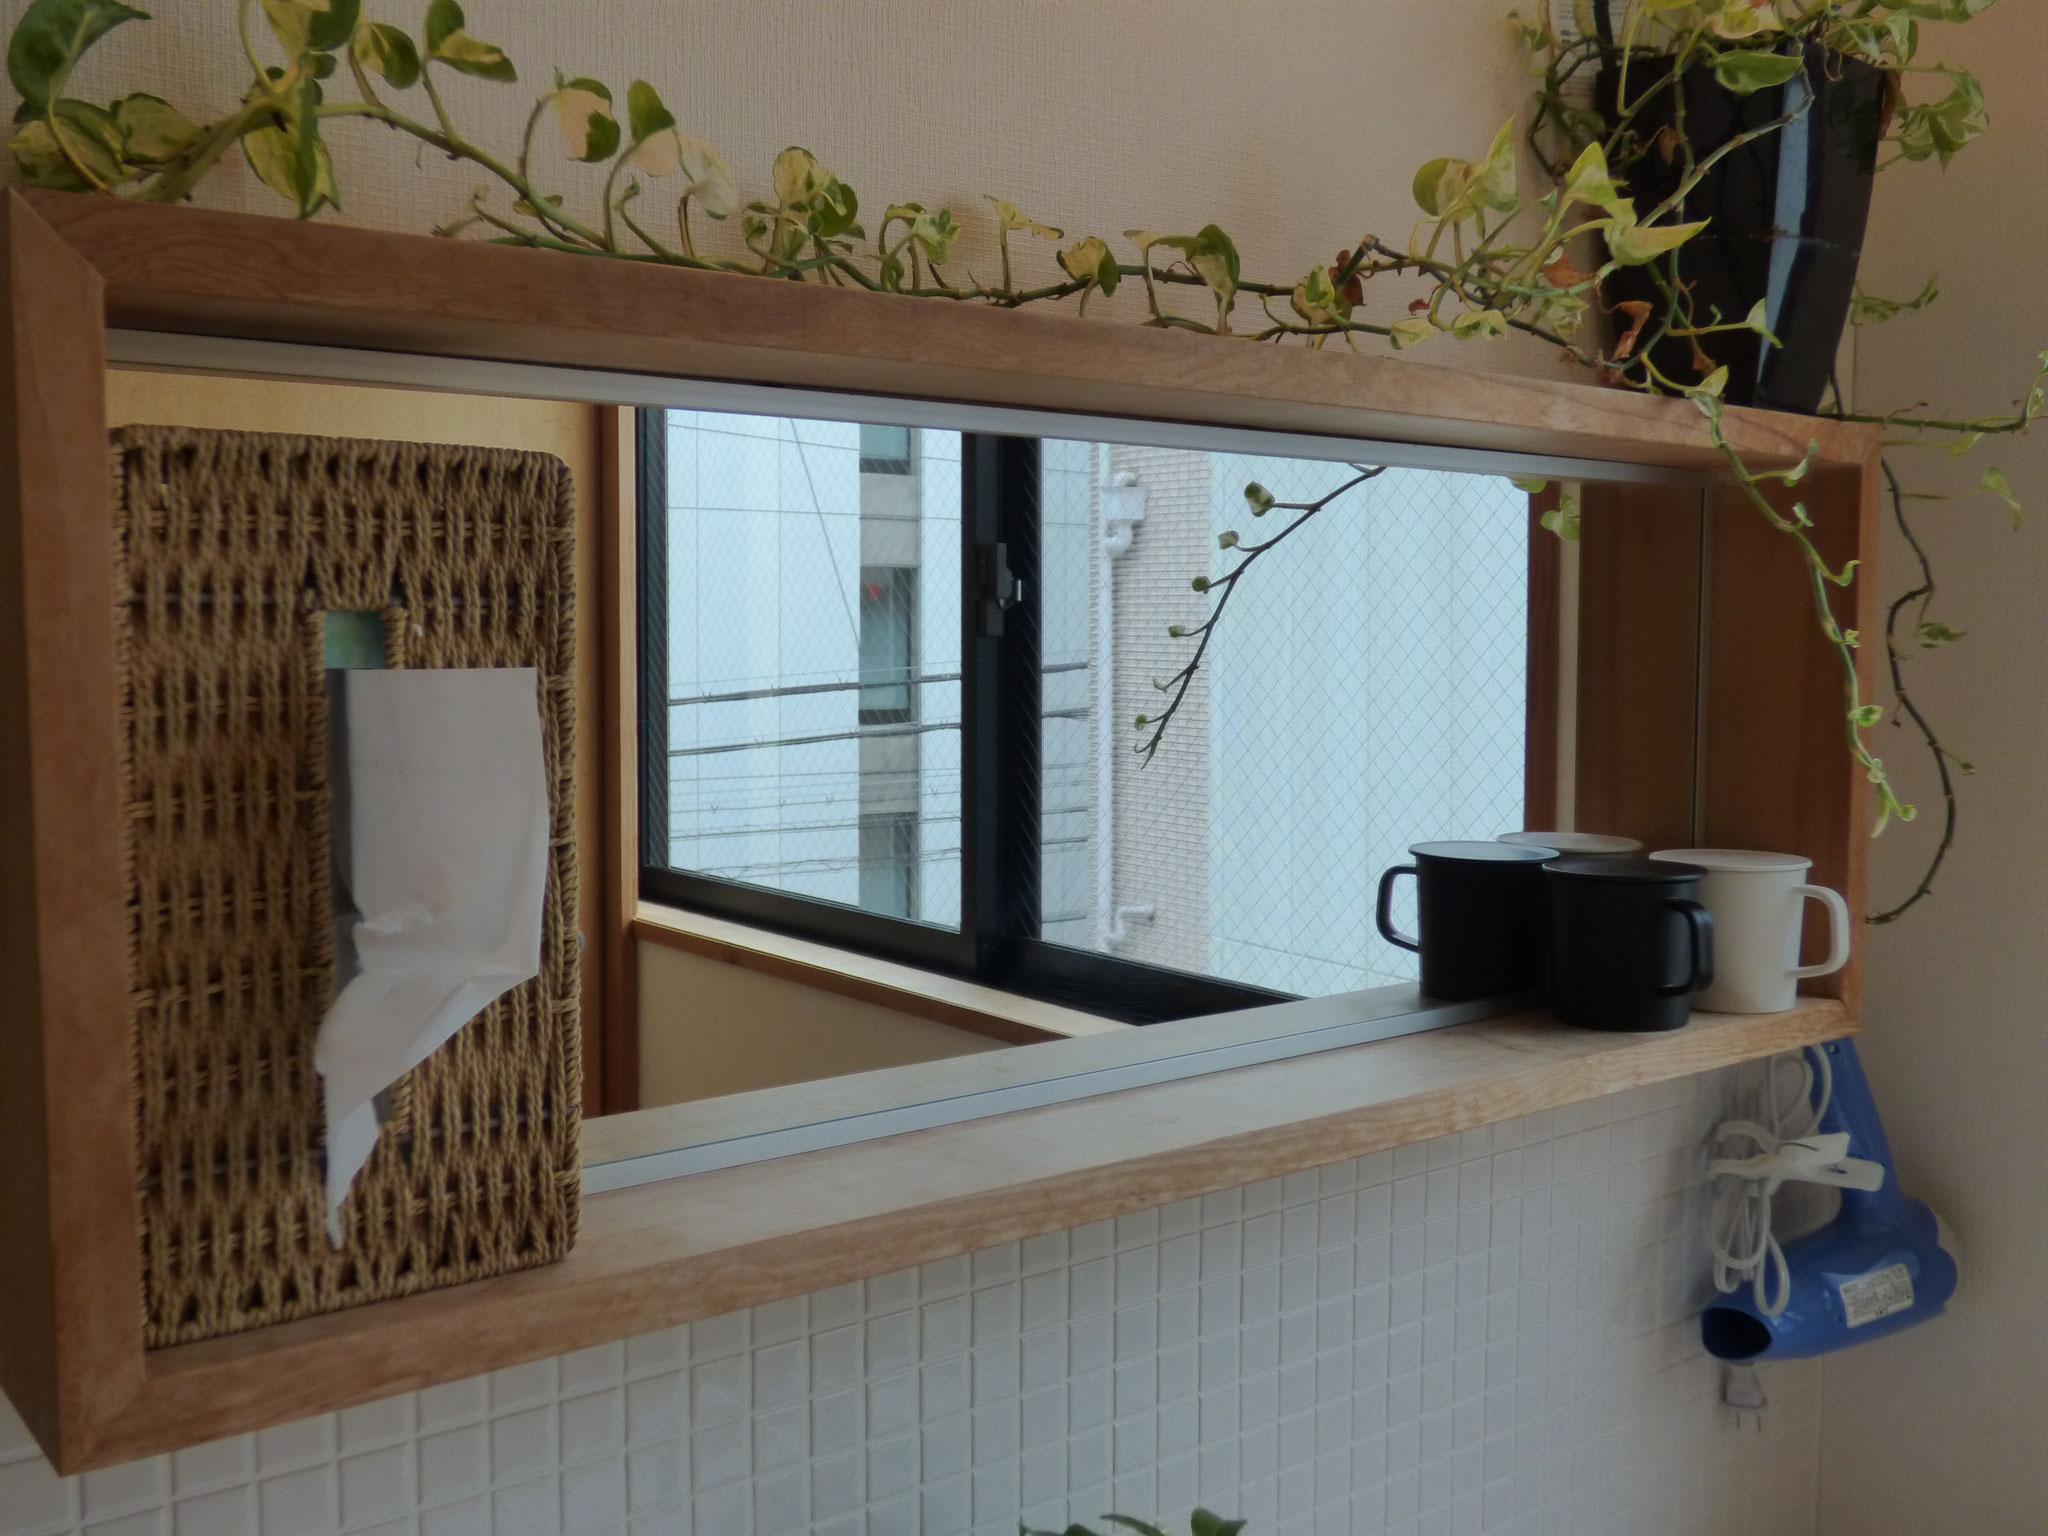 洗面台の鏡とコップ